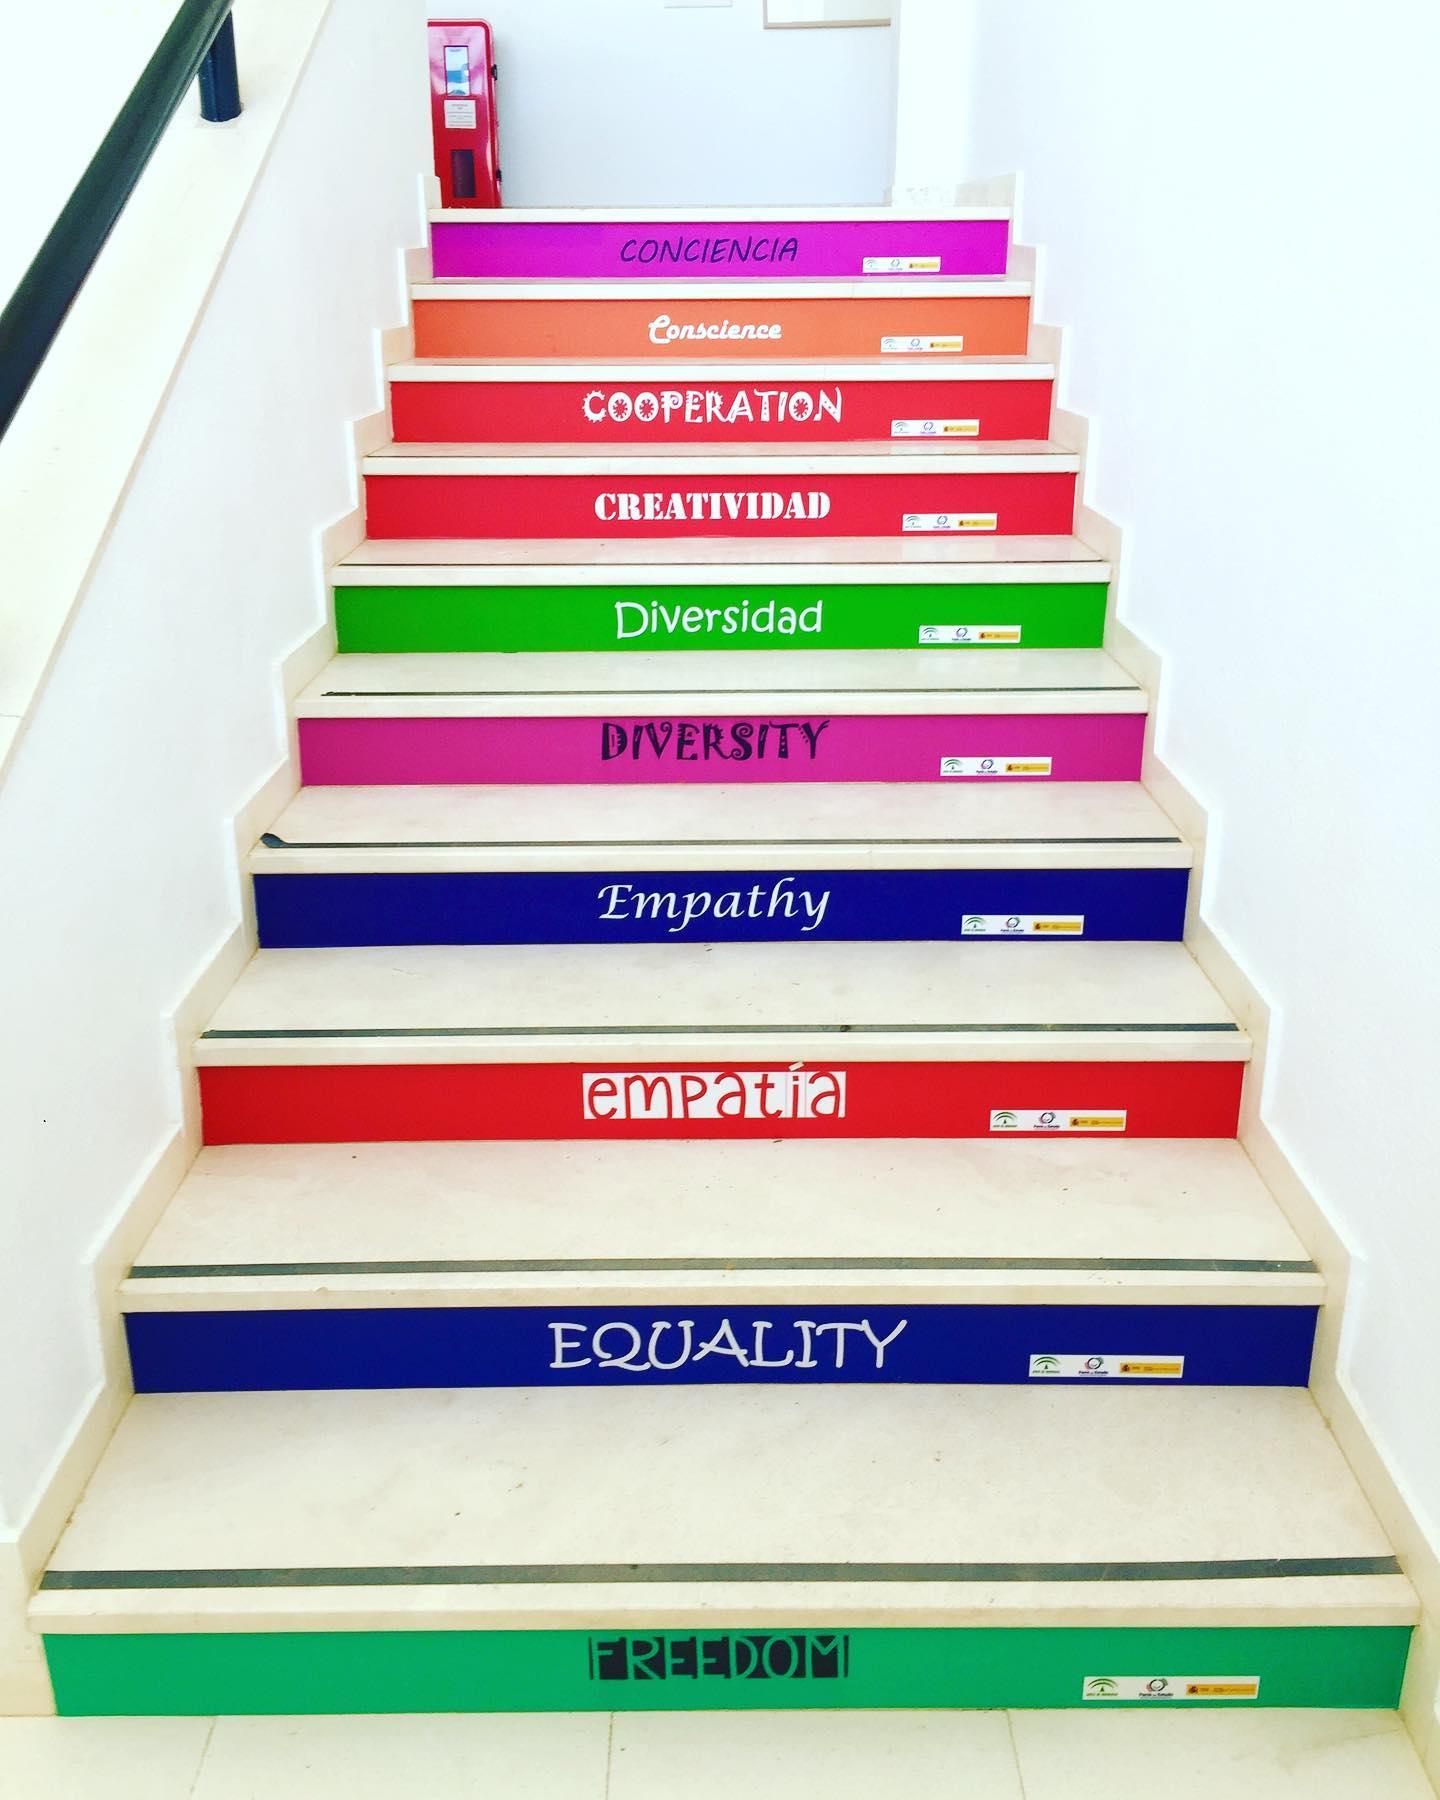 escaleras de igualdad